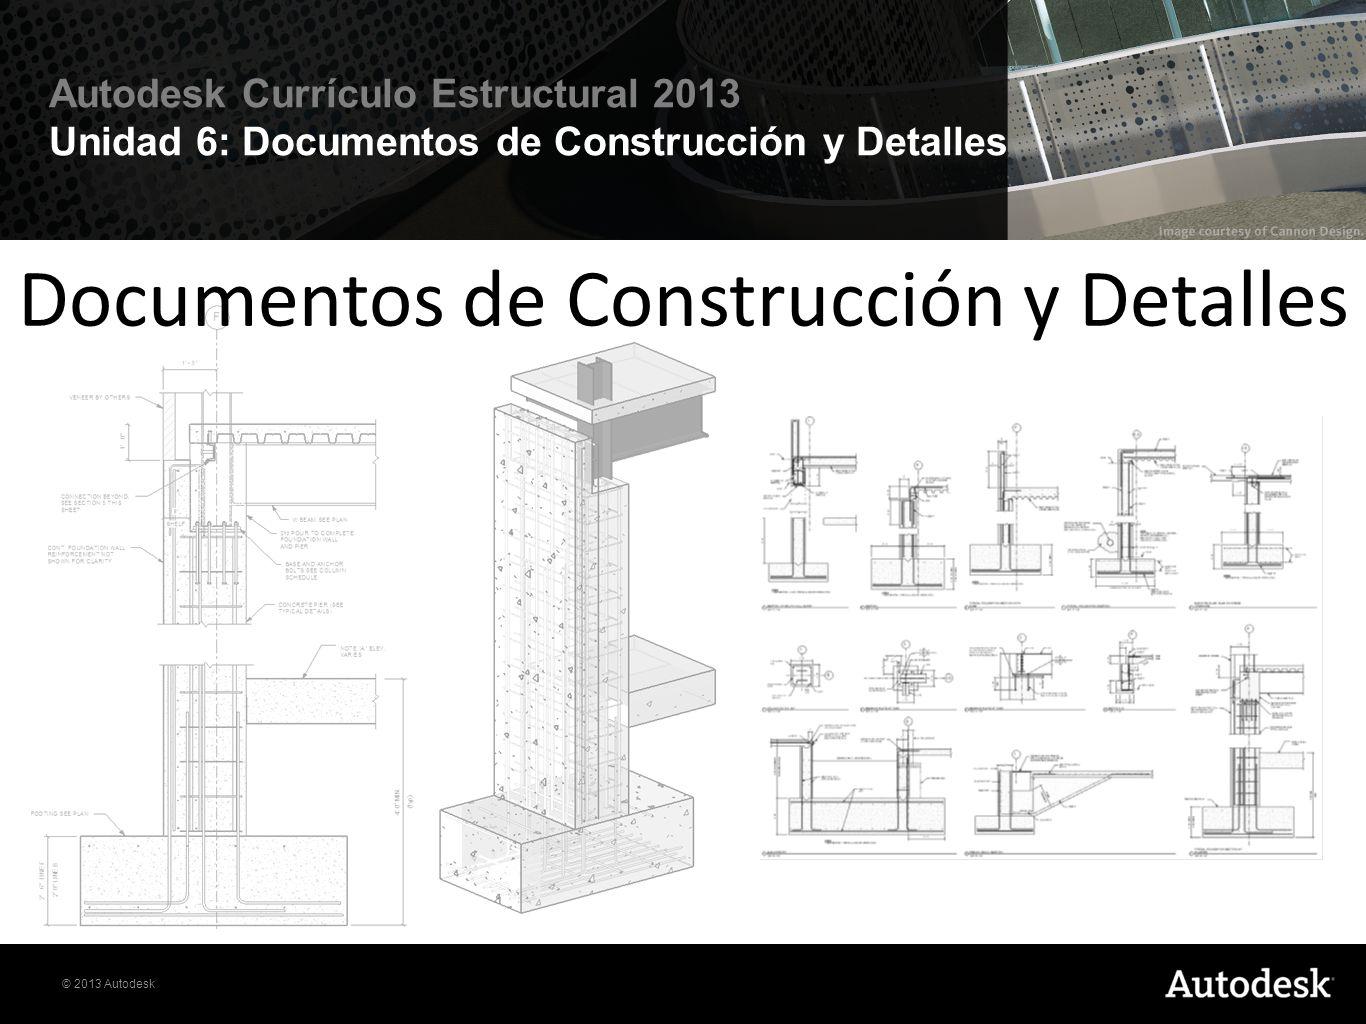 © 2013 Autodesk Autodesk Currículo Estructural 2013 Unidad 6: Documentos de Construcción y Detalles Documentos de Construcción y Detalles